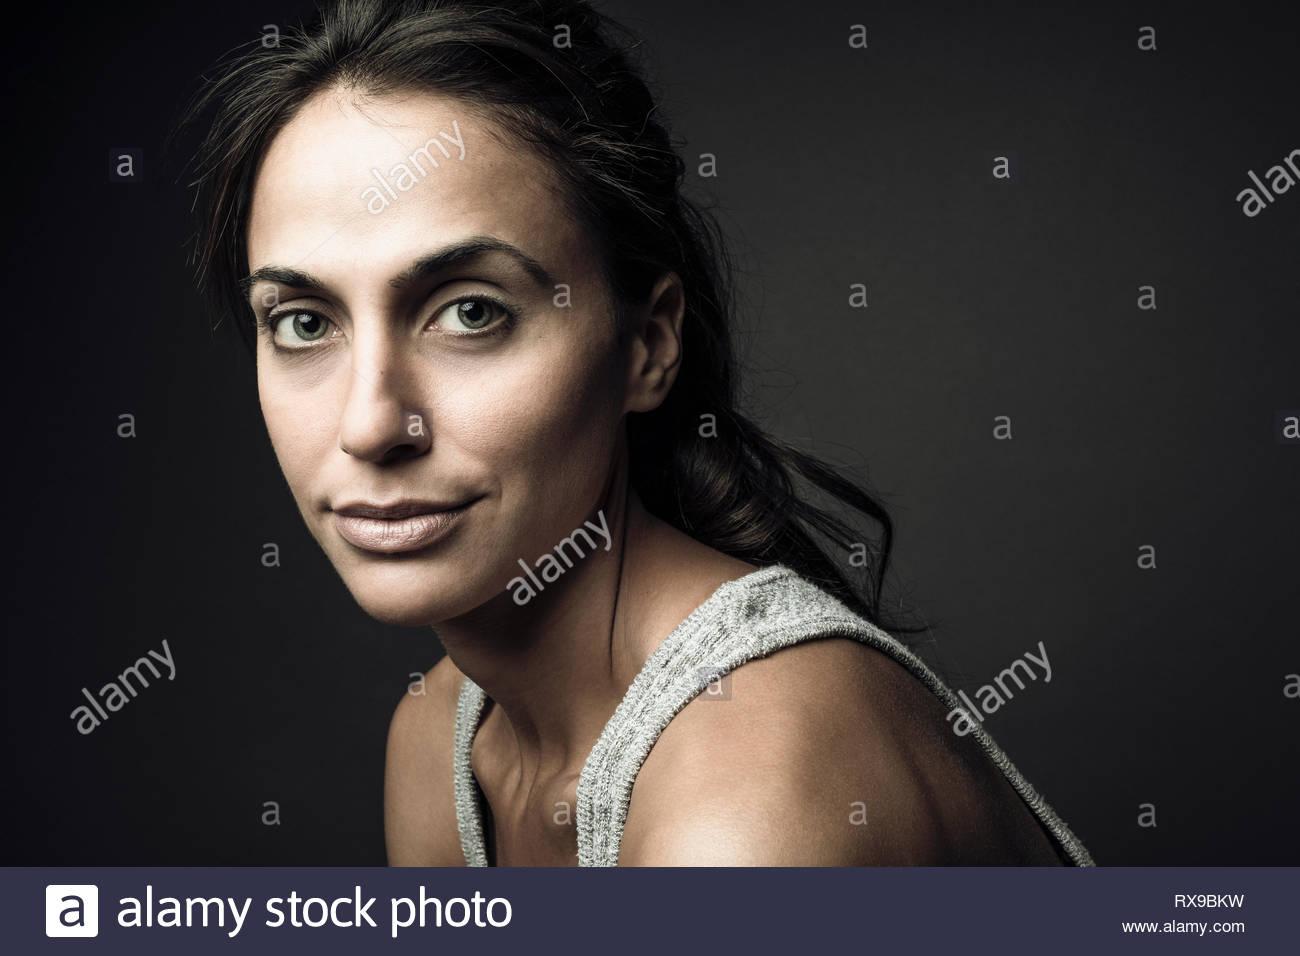 Retrato seguro joven y bella mujer morena Imagen De Stock